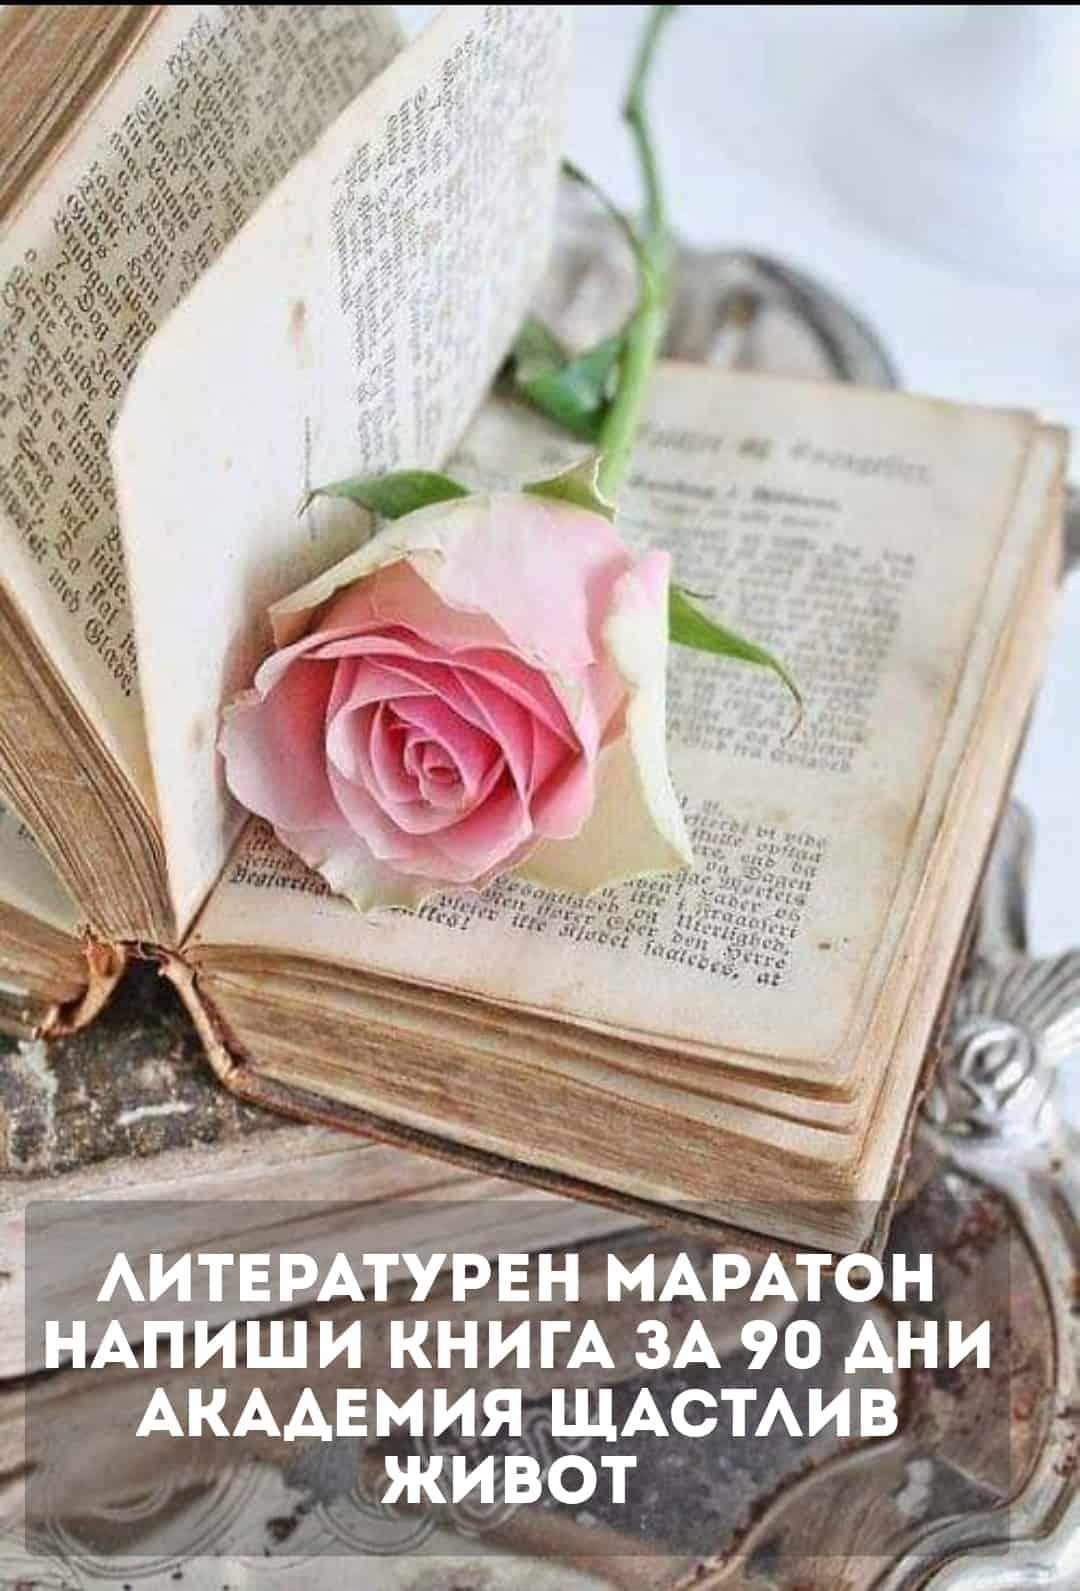 """Литературен маратон """"Напиши книга за 90 дни"""""""